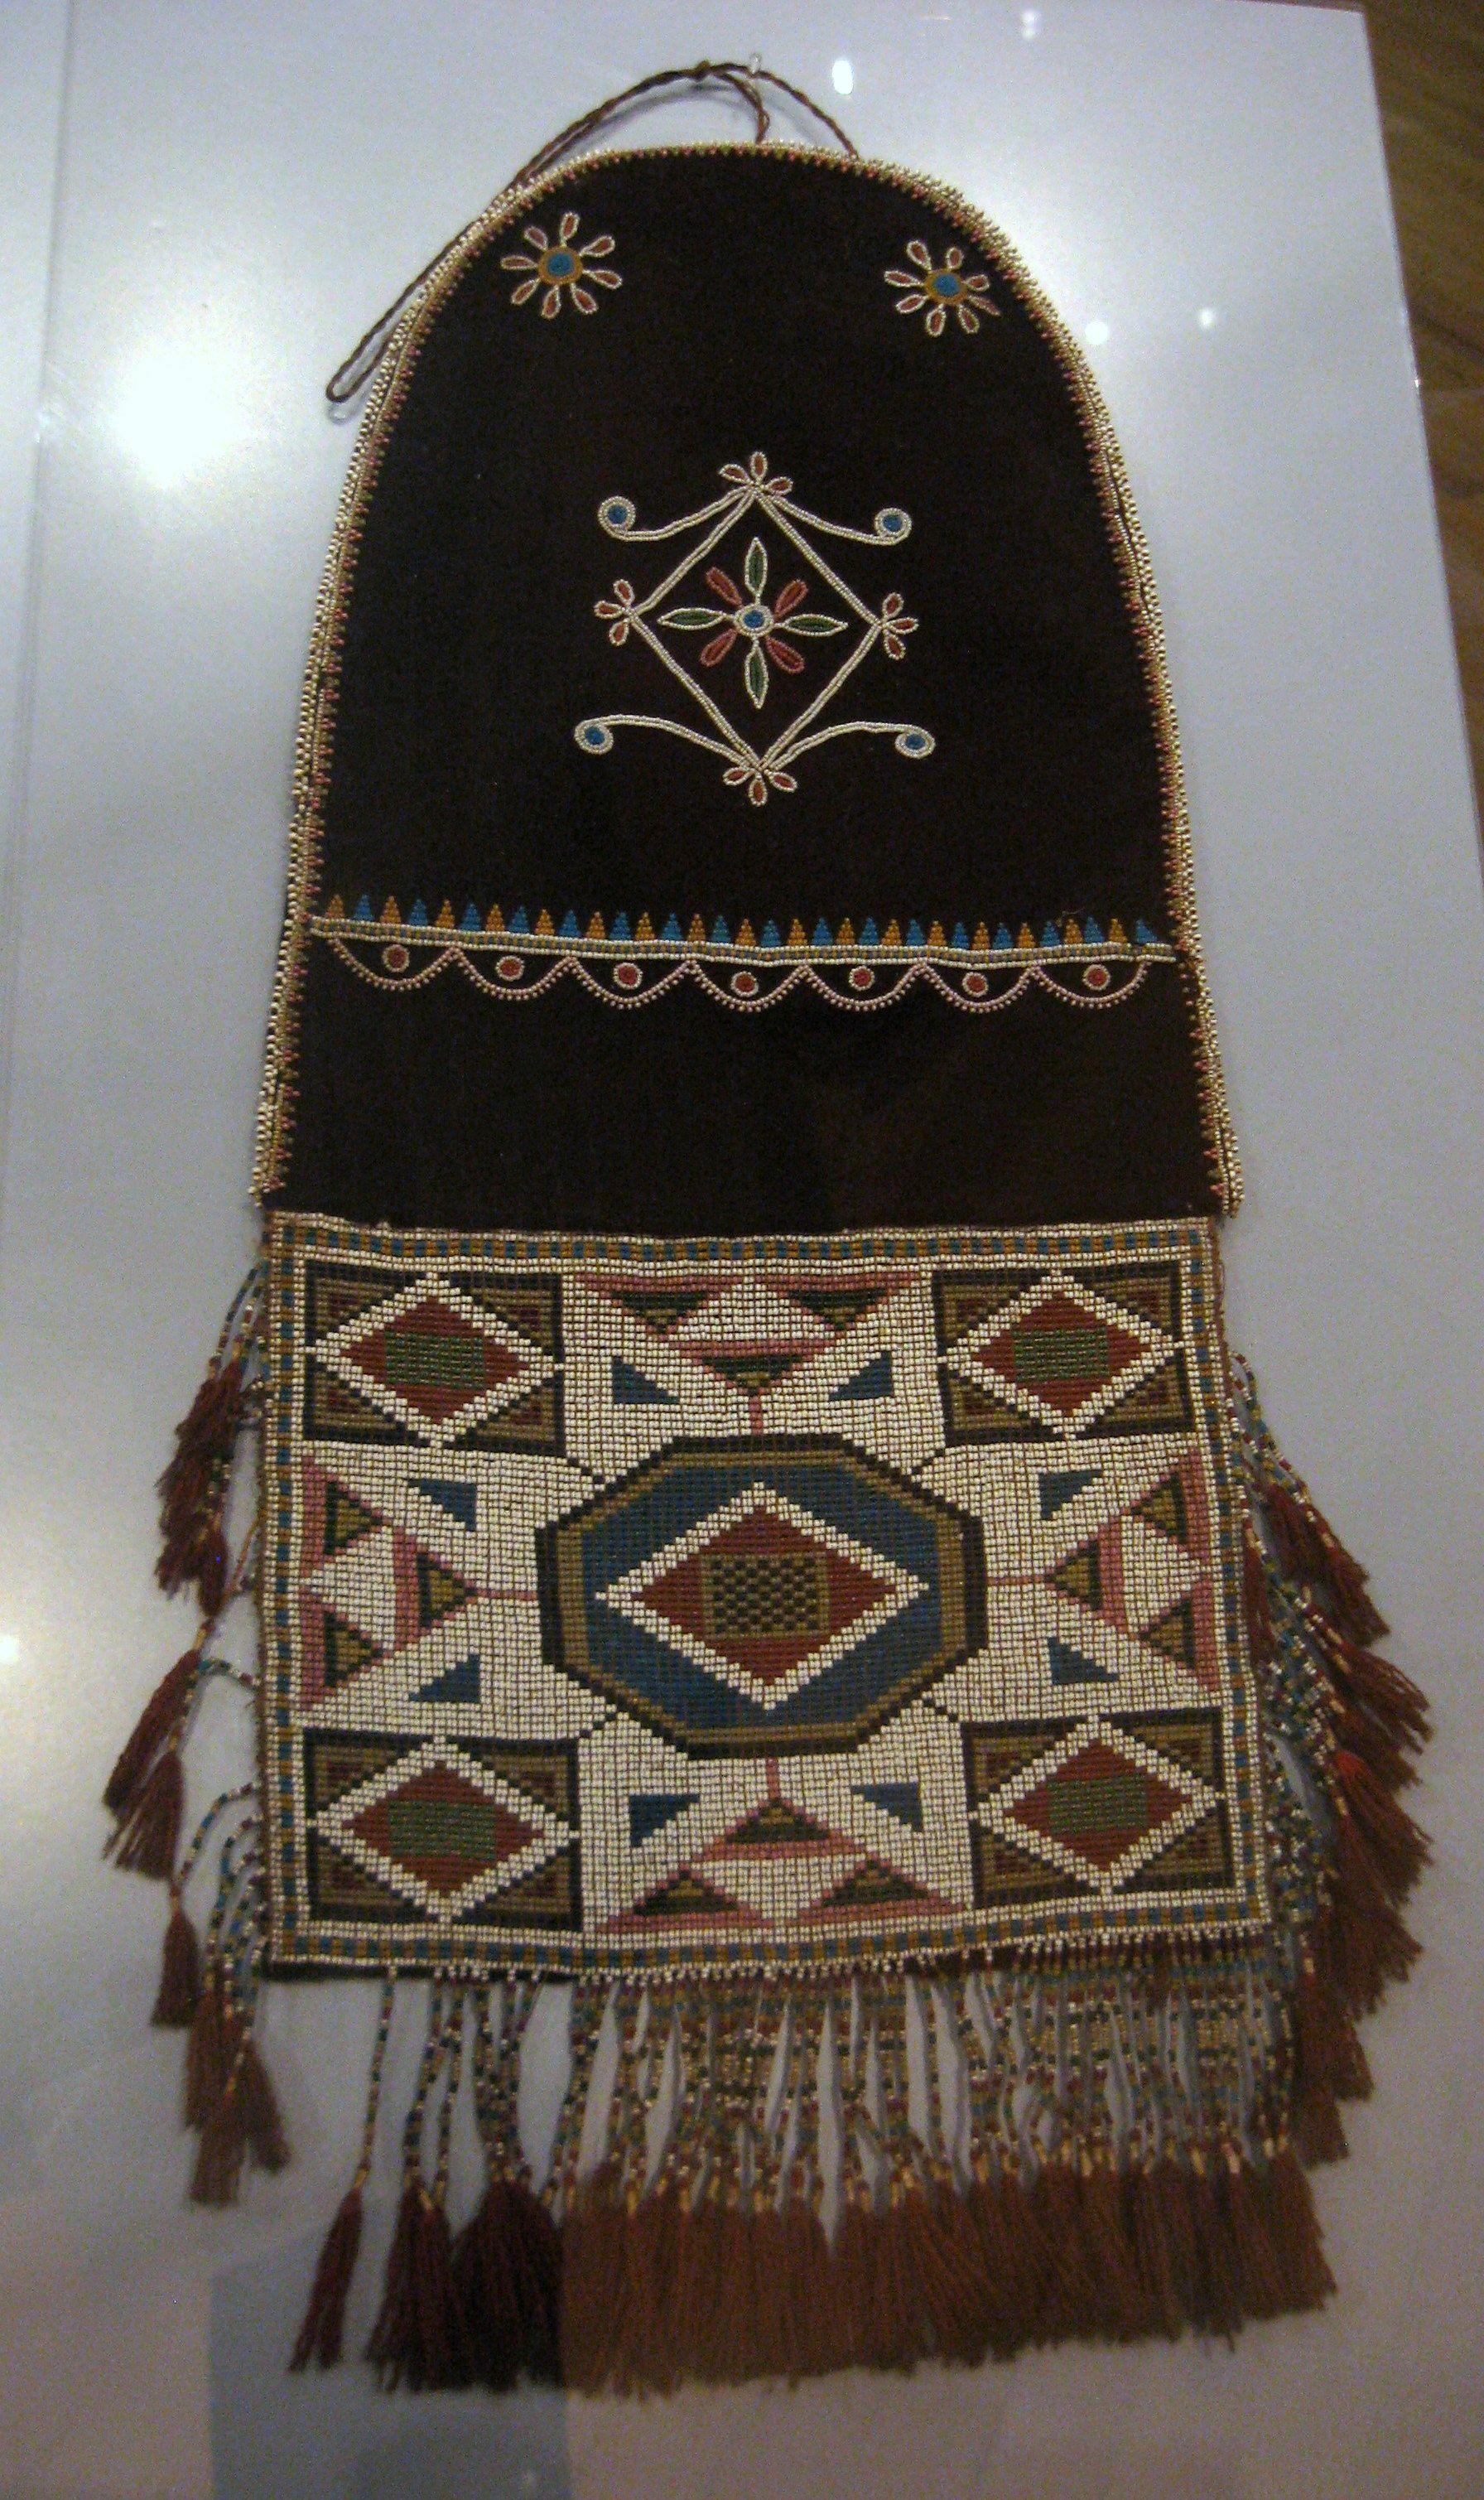 Cree Metis First Nations Bag At The Royal Ontario